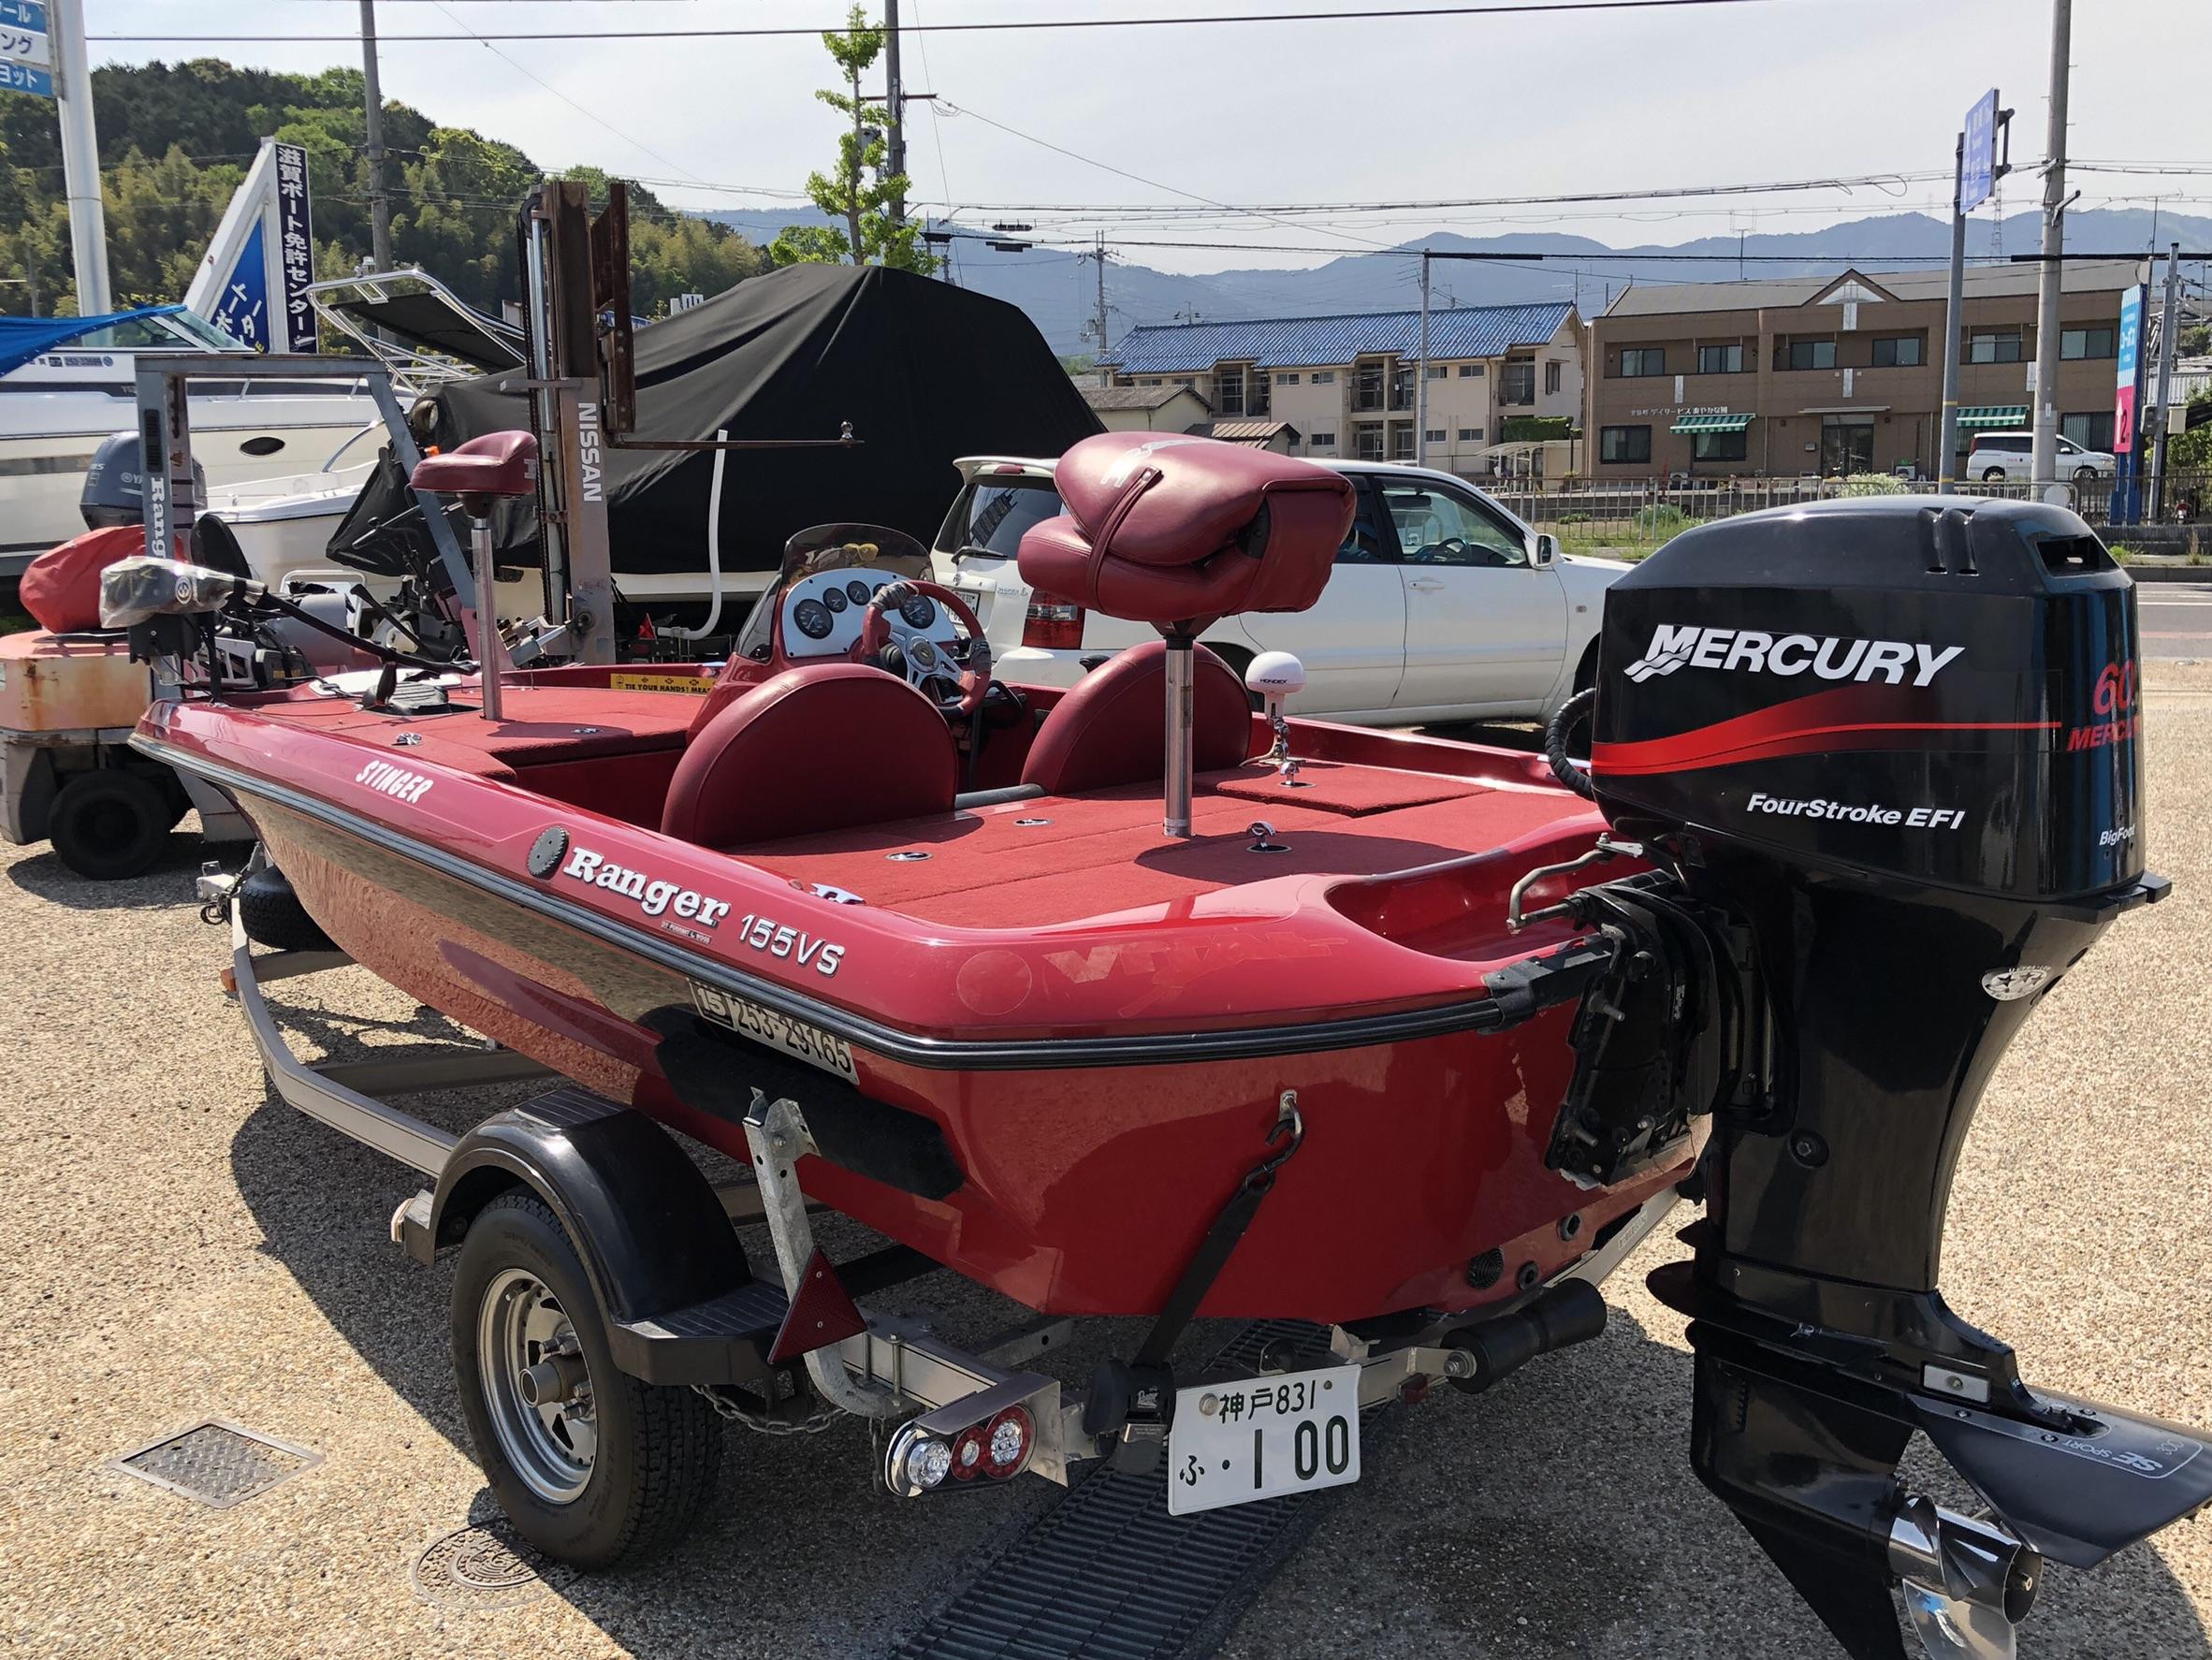 レンジャーボート正規輸入代理店バスボートジャパンS__46301198